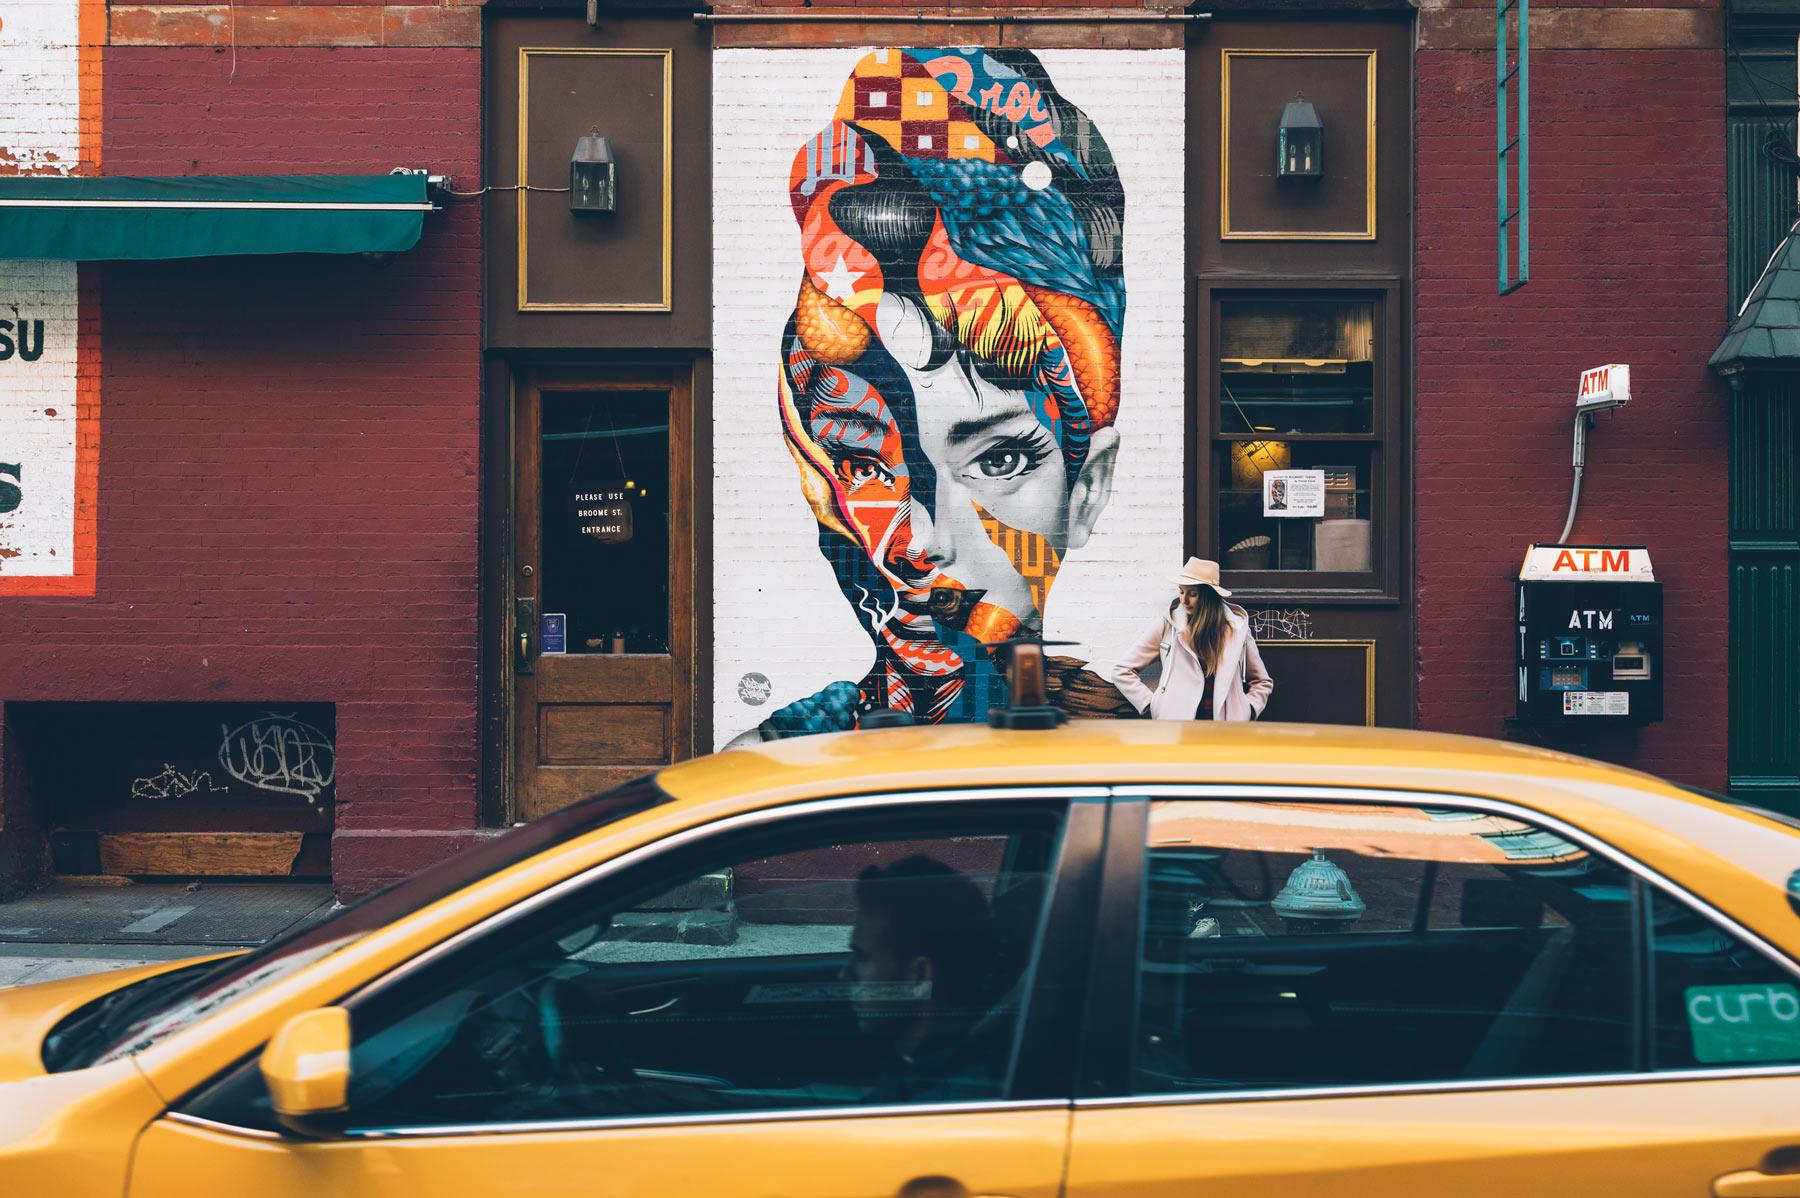 Ou est le Tag Audrey Hepburn à New York? Little Italy, angle de Broome et Mulberry Street